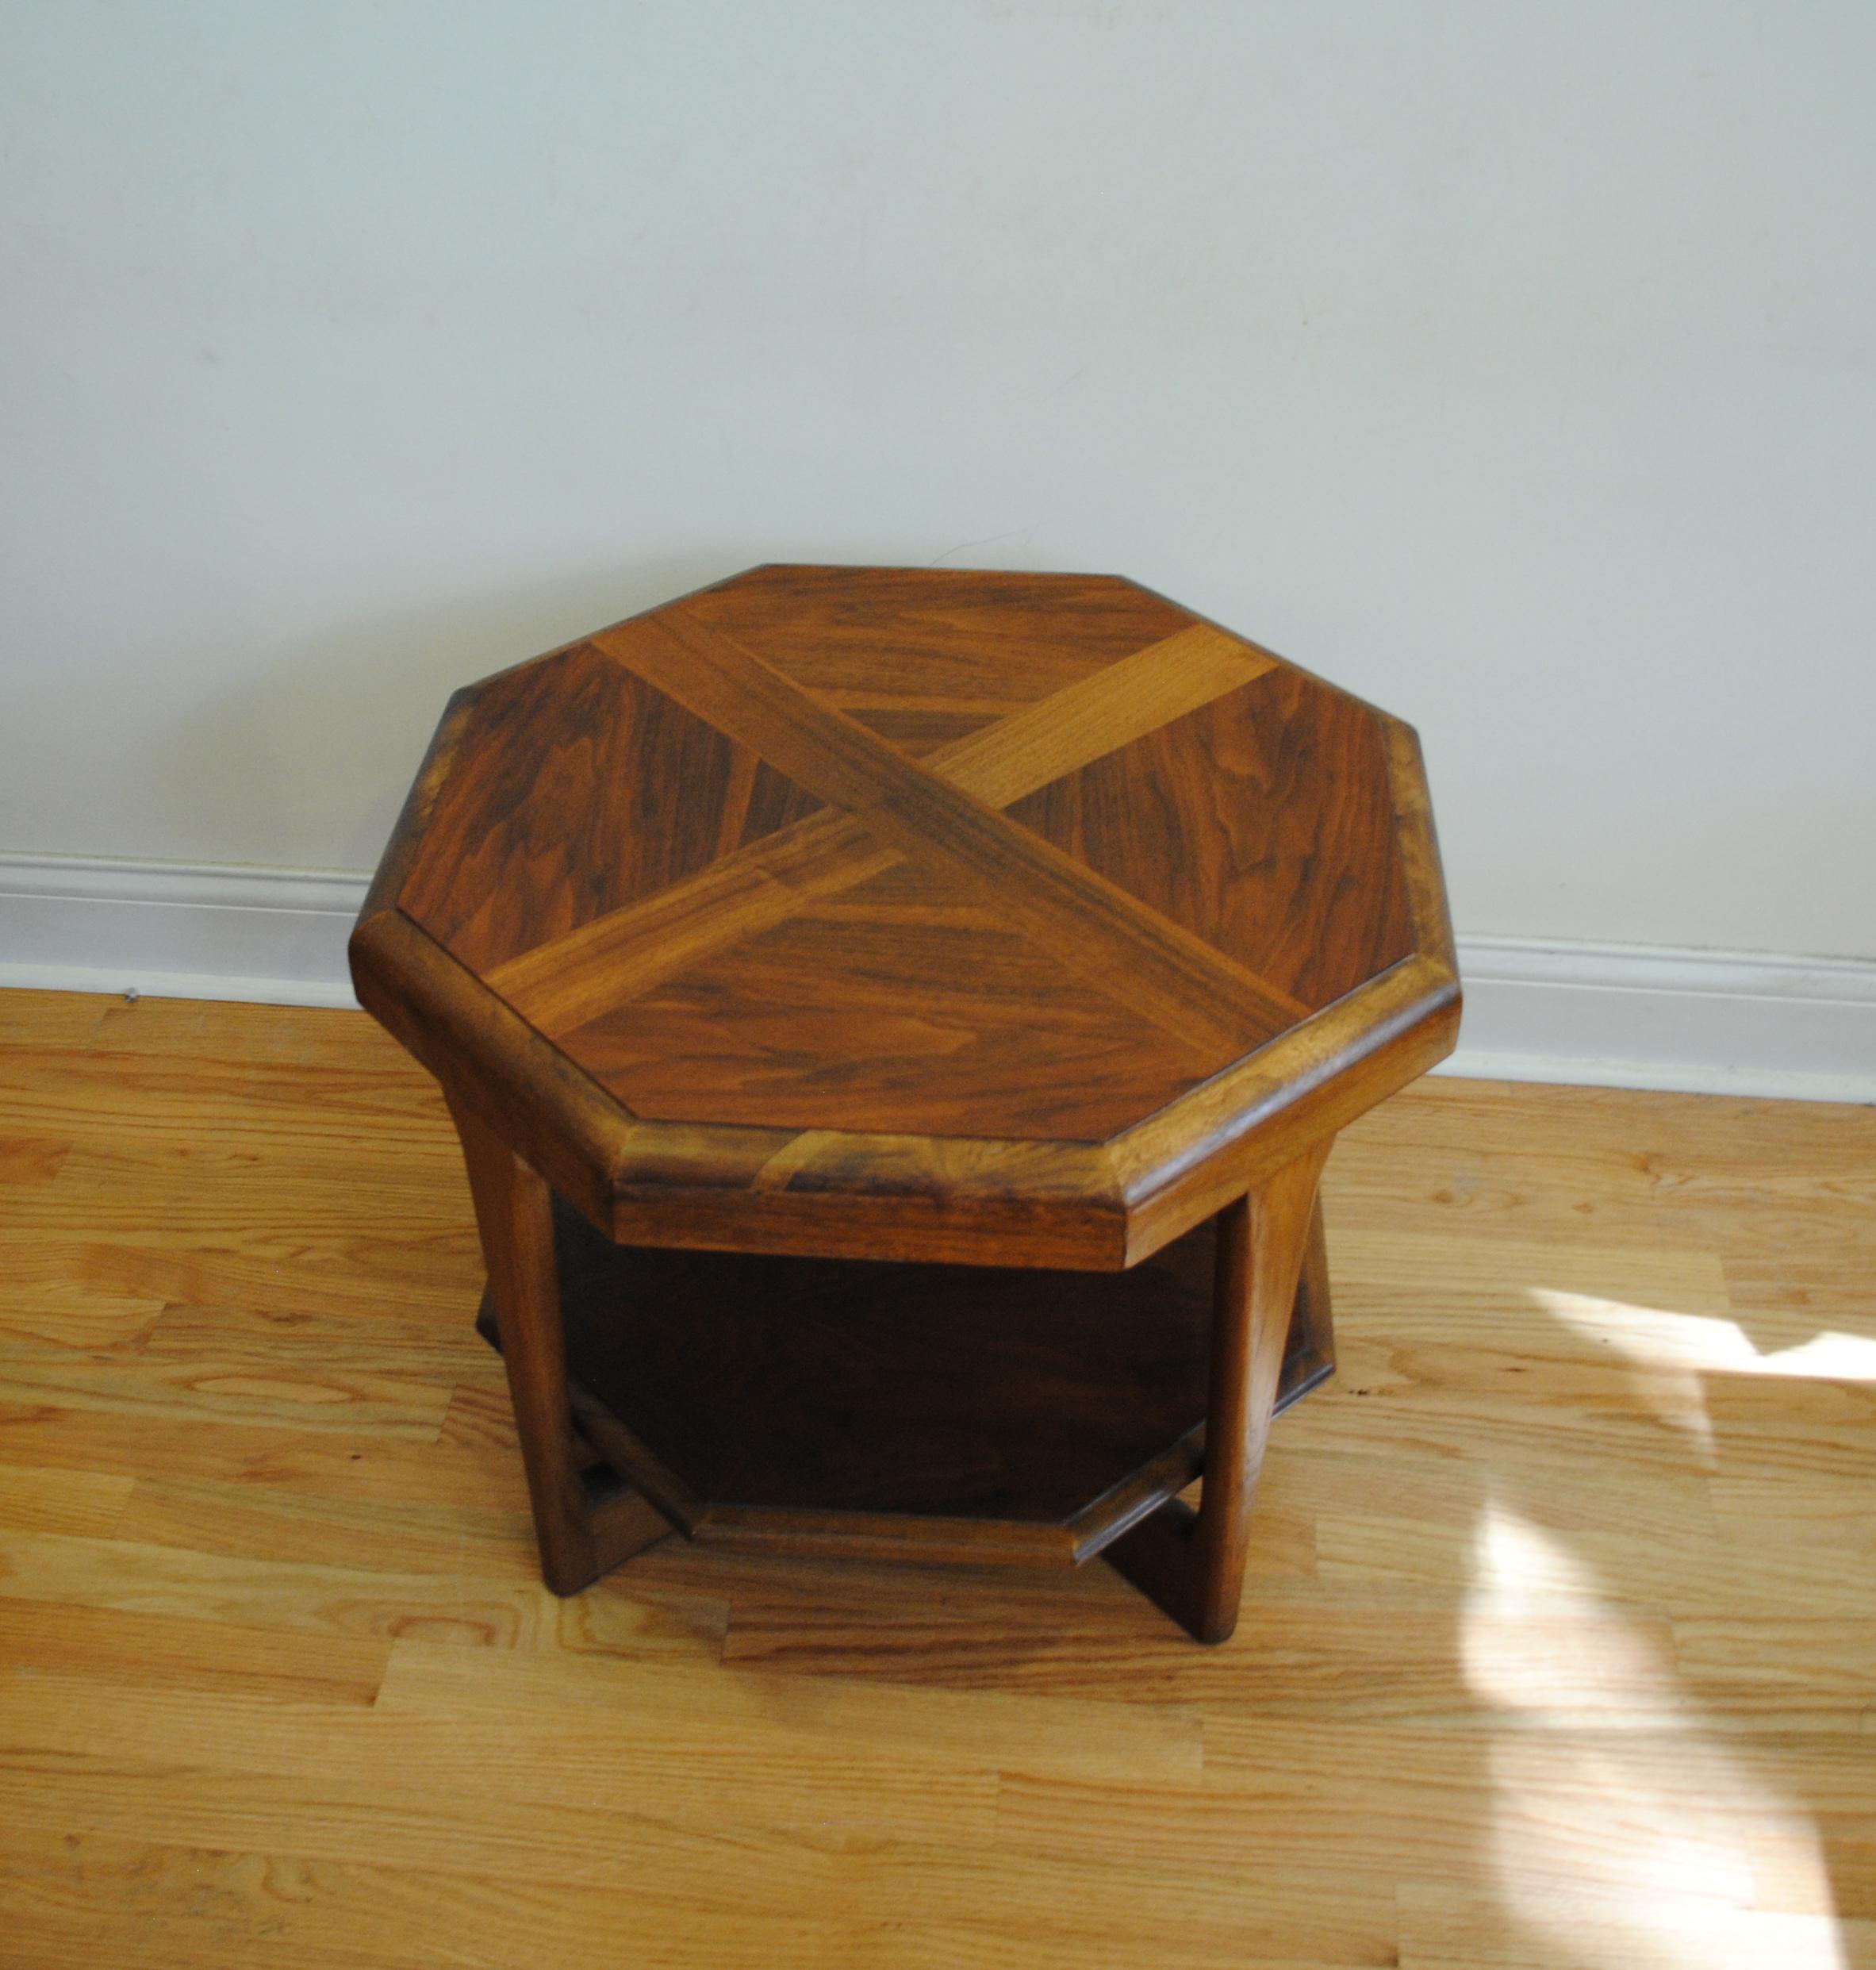 Lane Phylum Furniture